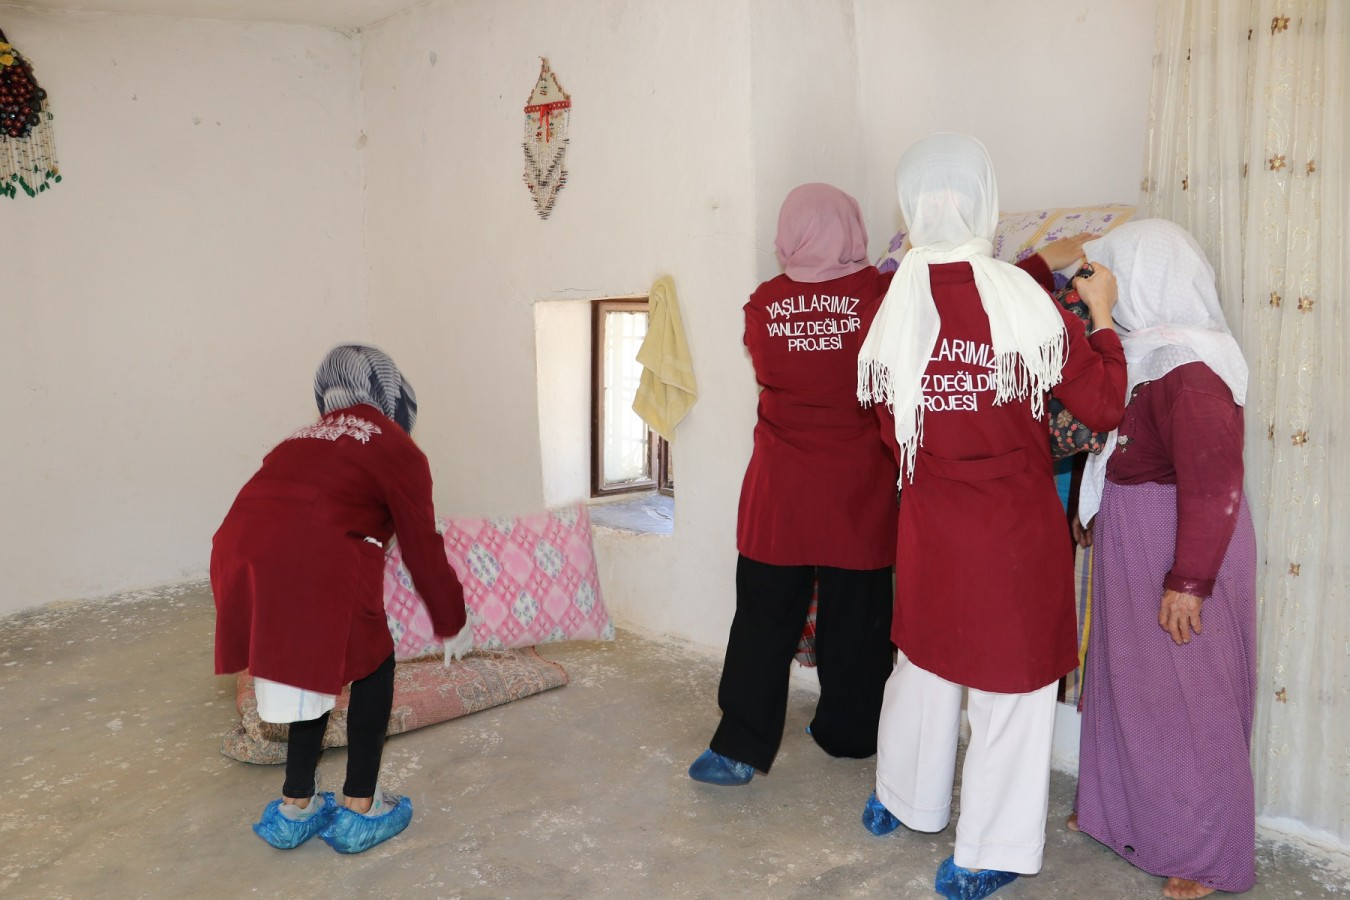 Karaköprü'de dezavantajlı vatandaşlara evde bakım hizmeti